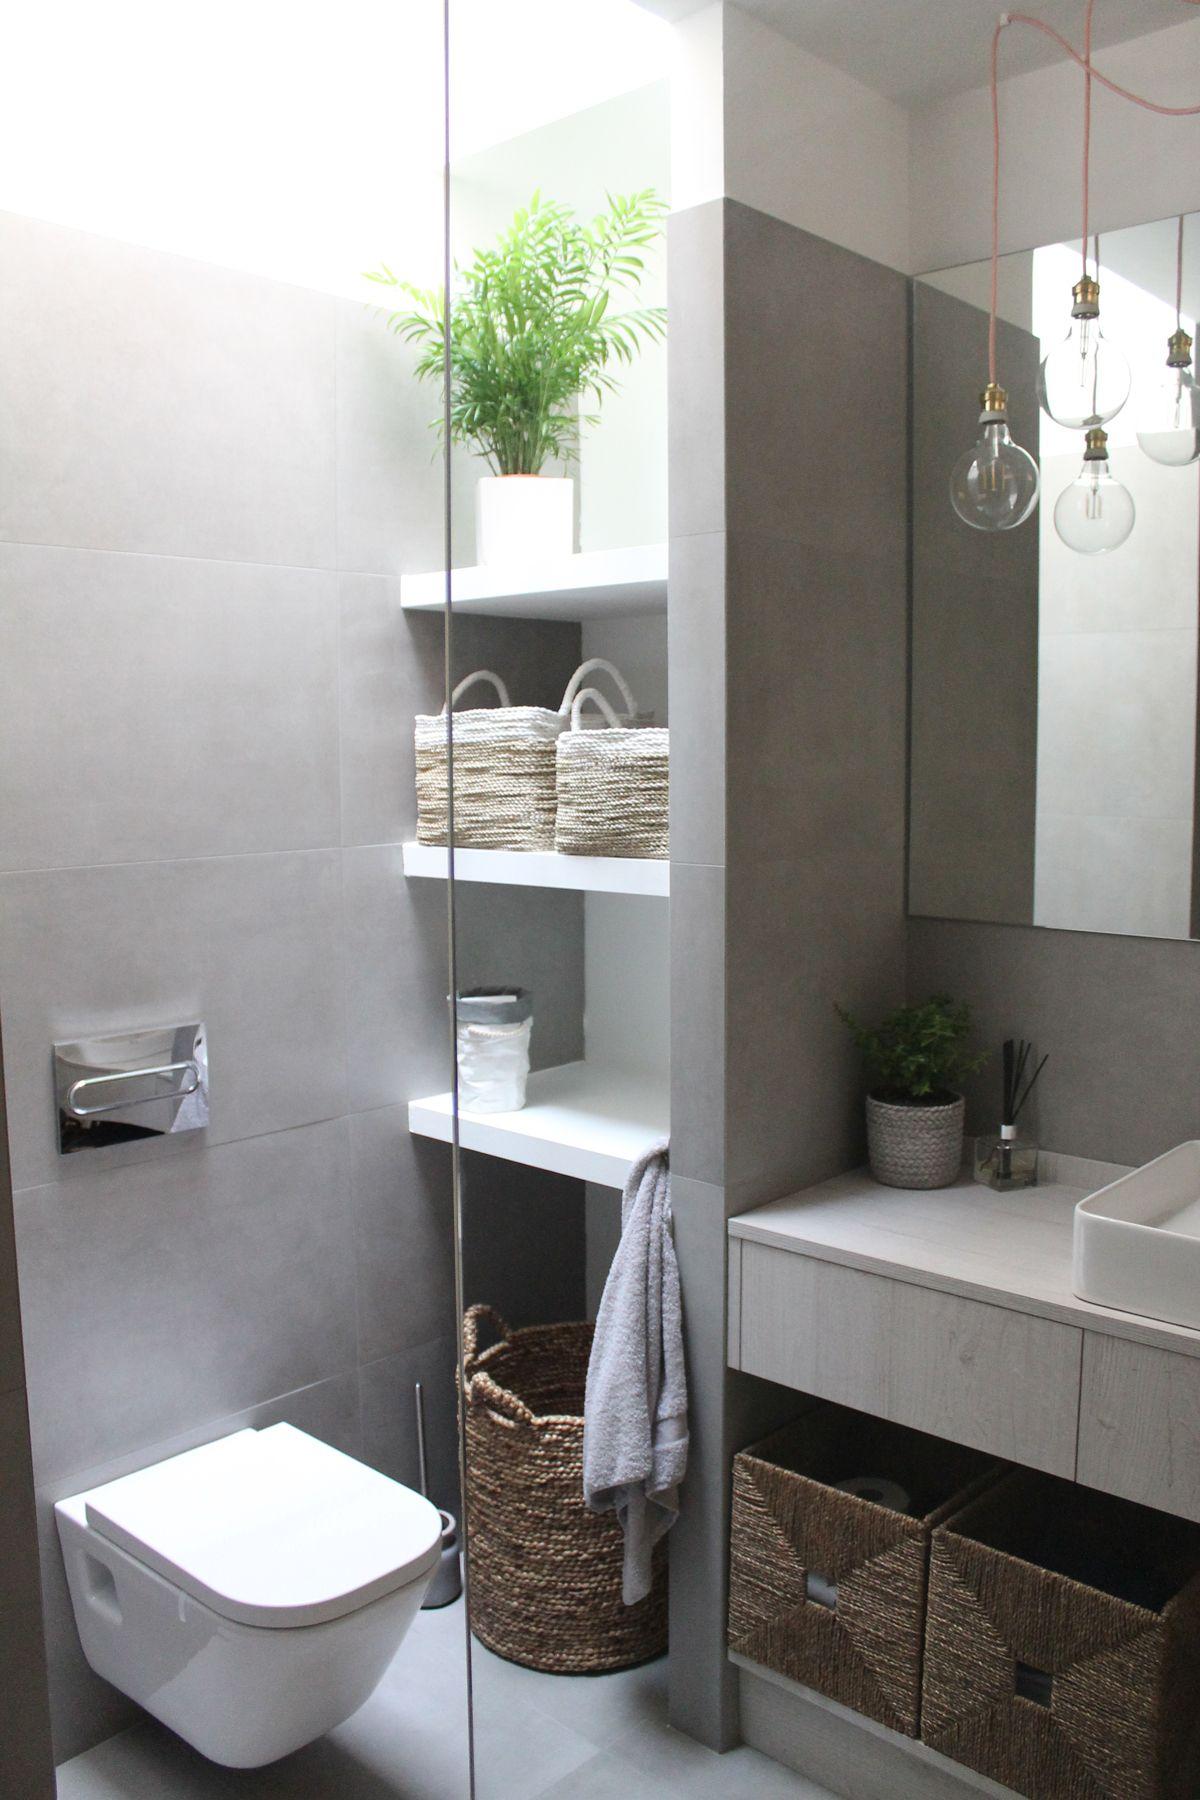 Ba o con baldas en gris y blanco y mampara transparente - Baldas de diseno ...